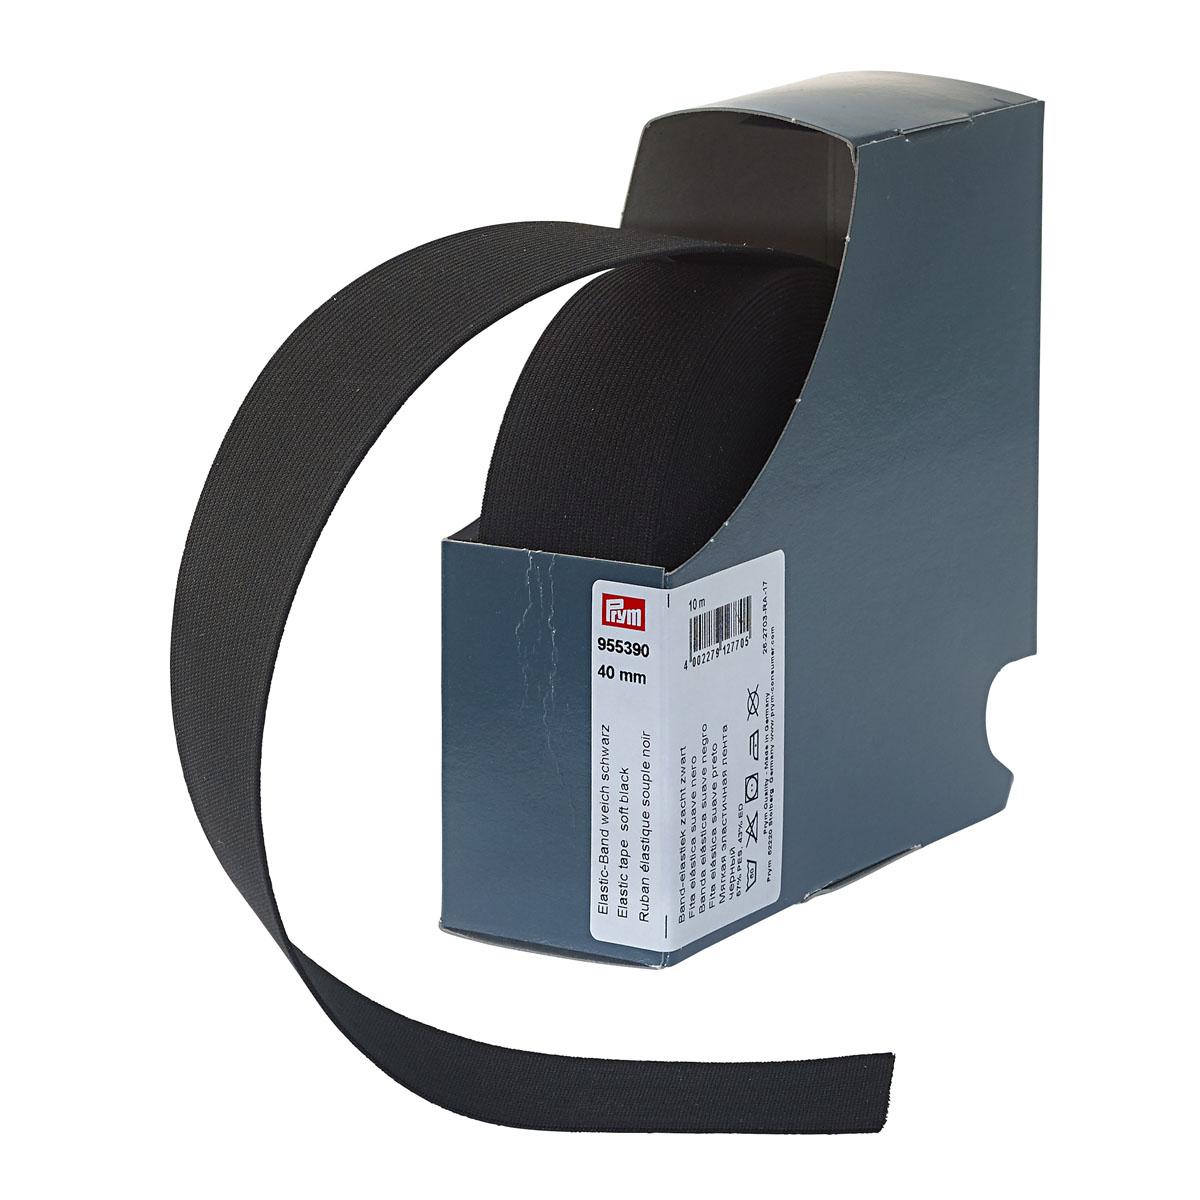 955390 Мягкая эластичная лента 40 мм черный цв. Prym